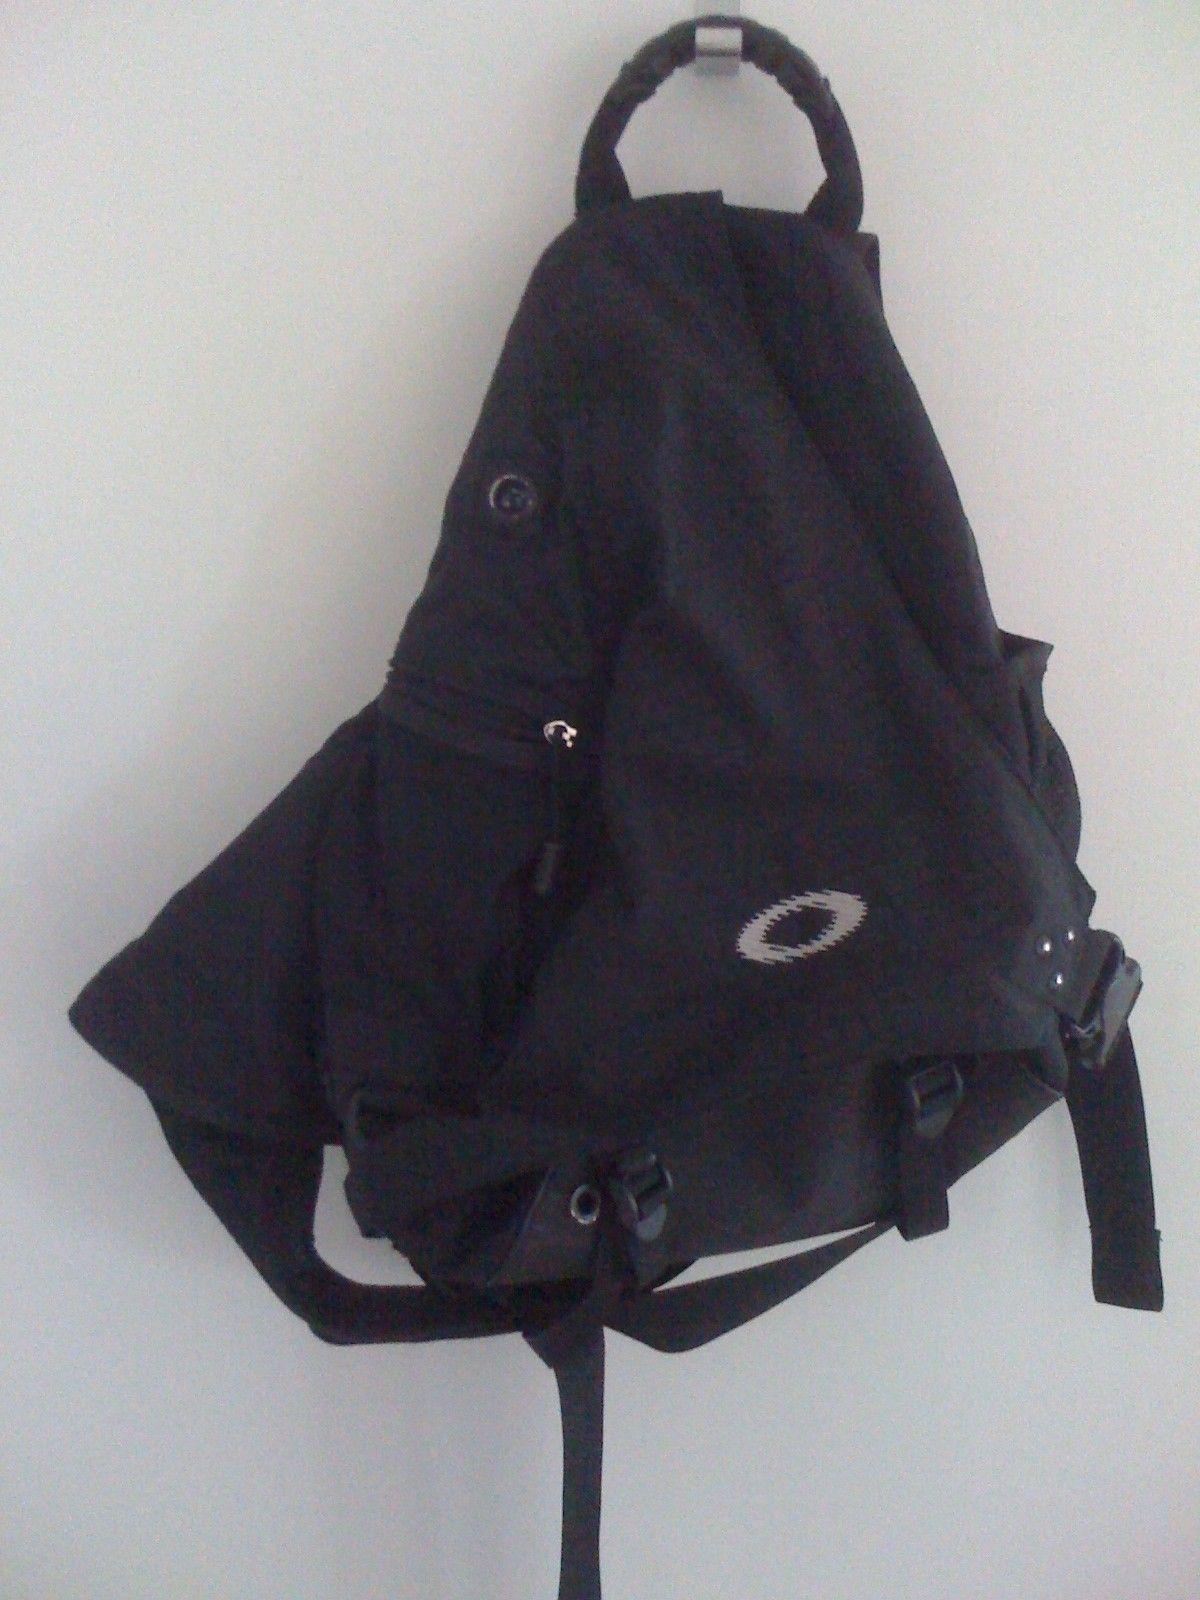 Oakleynerd's N° 3000 yeeha - obags4.jpg